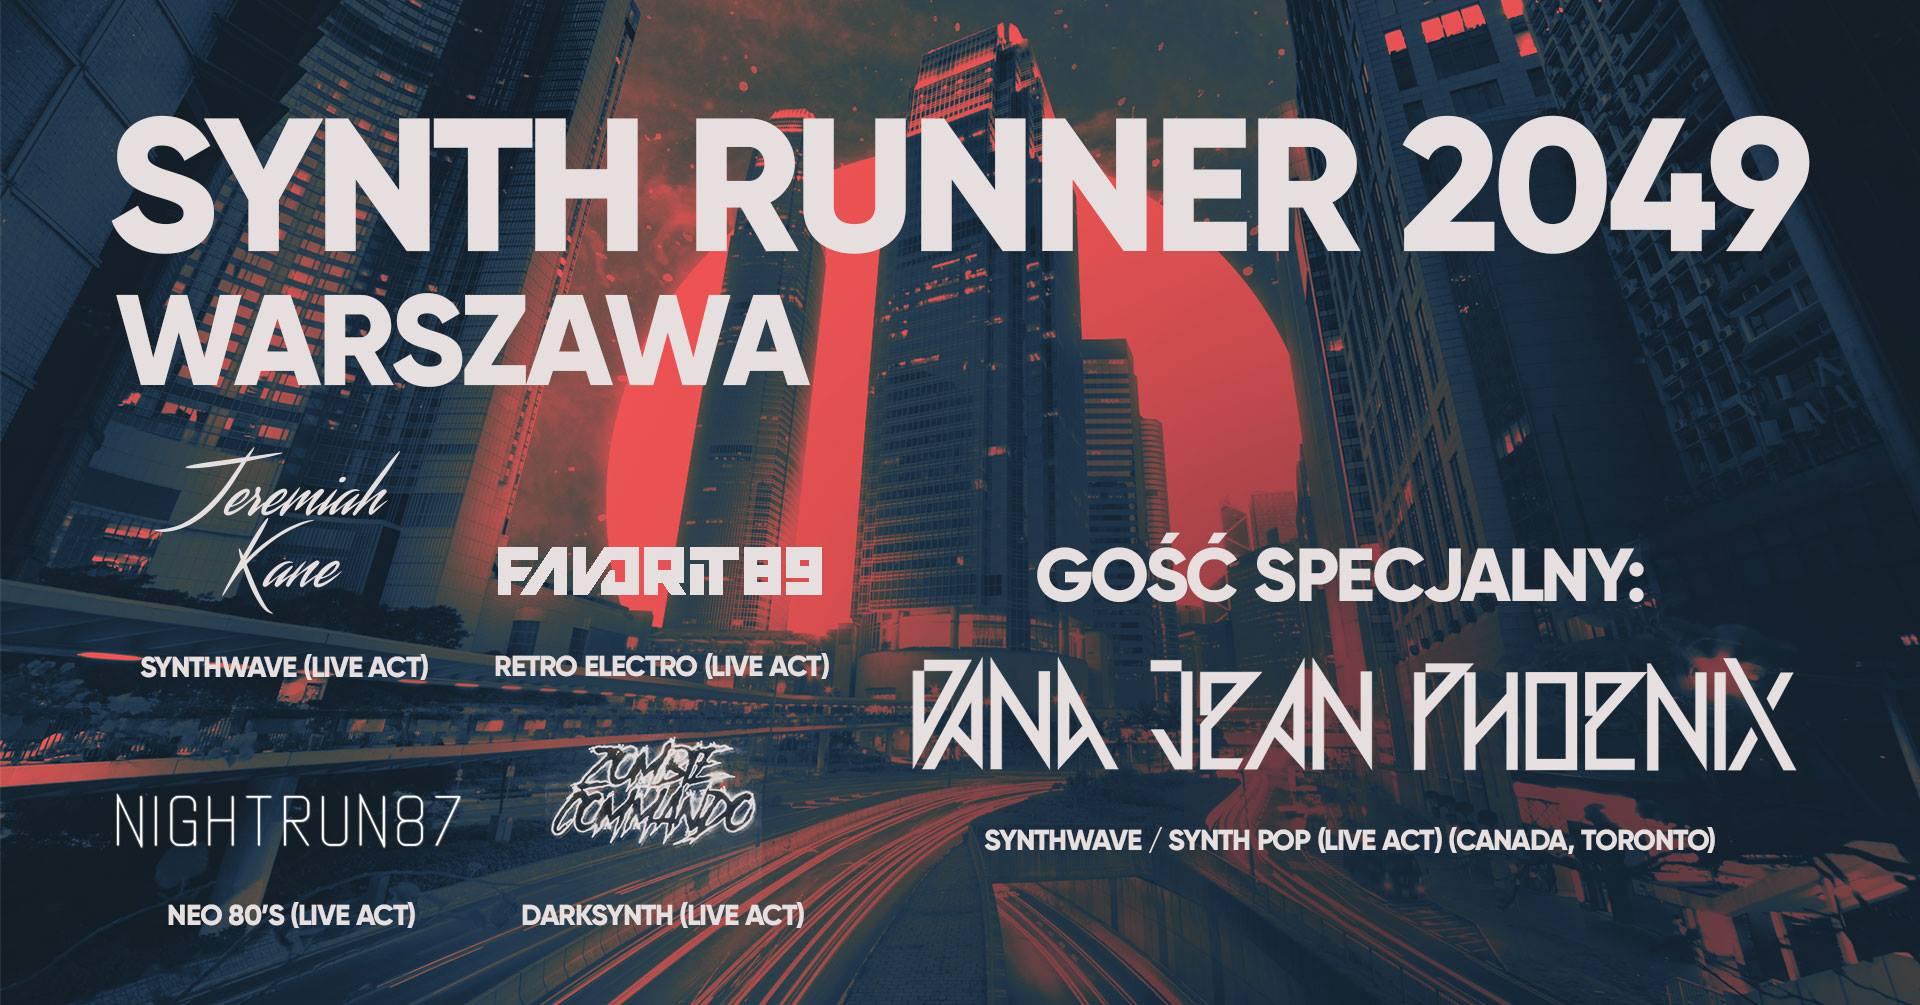 Synth Runner 2049 (Chmury - Warszawa - 17.03.2018)